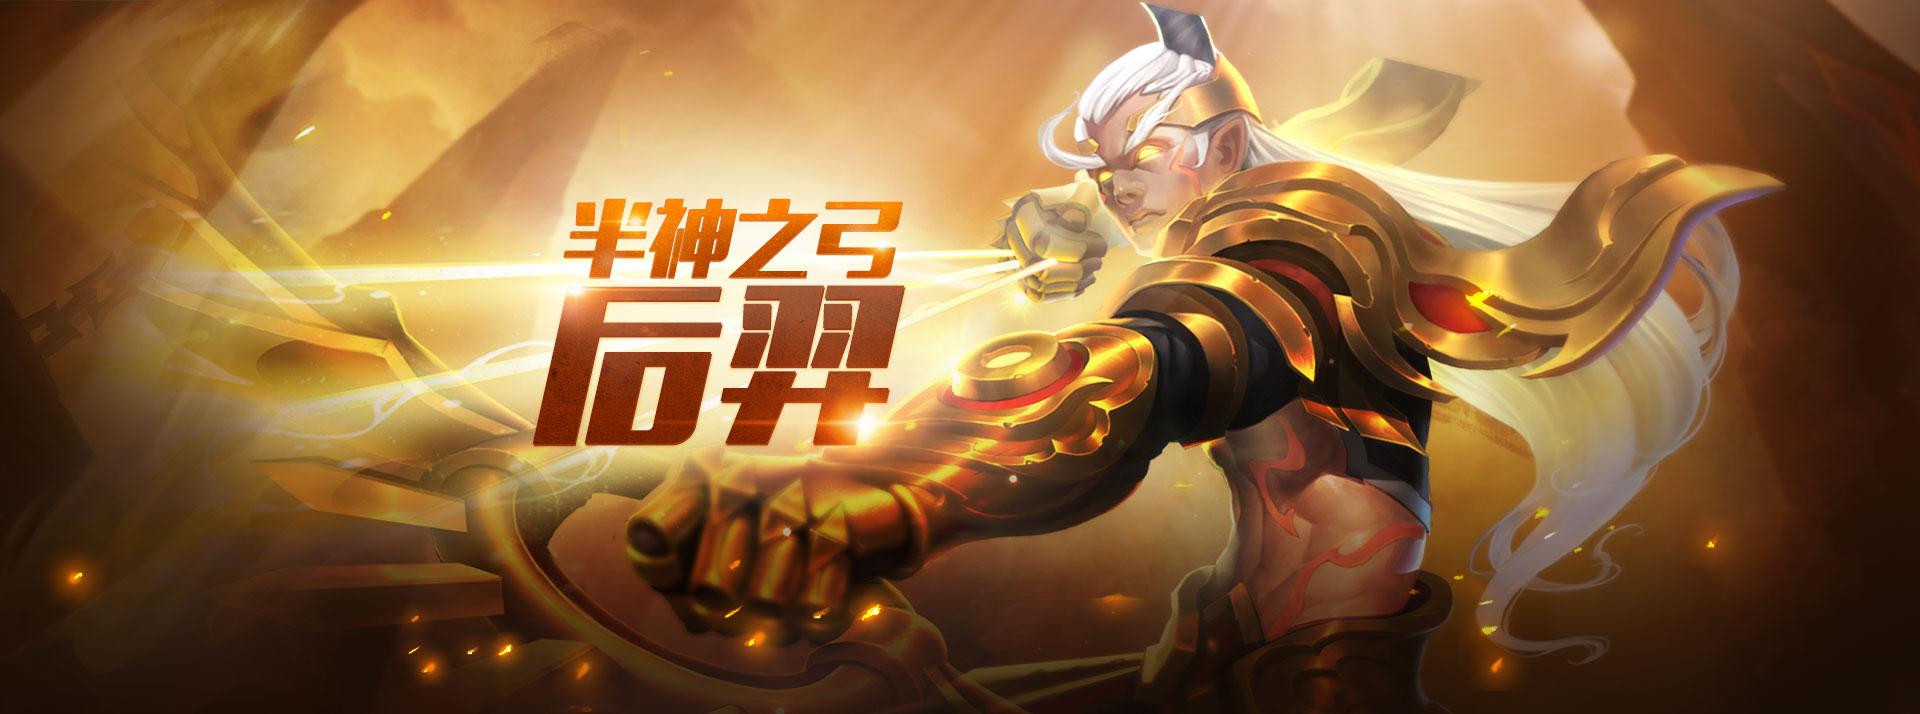 第2弹《王者荣耀英雄皮肤CG》竞技游戏151